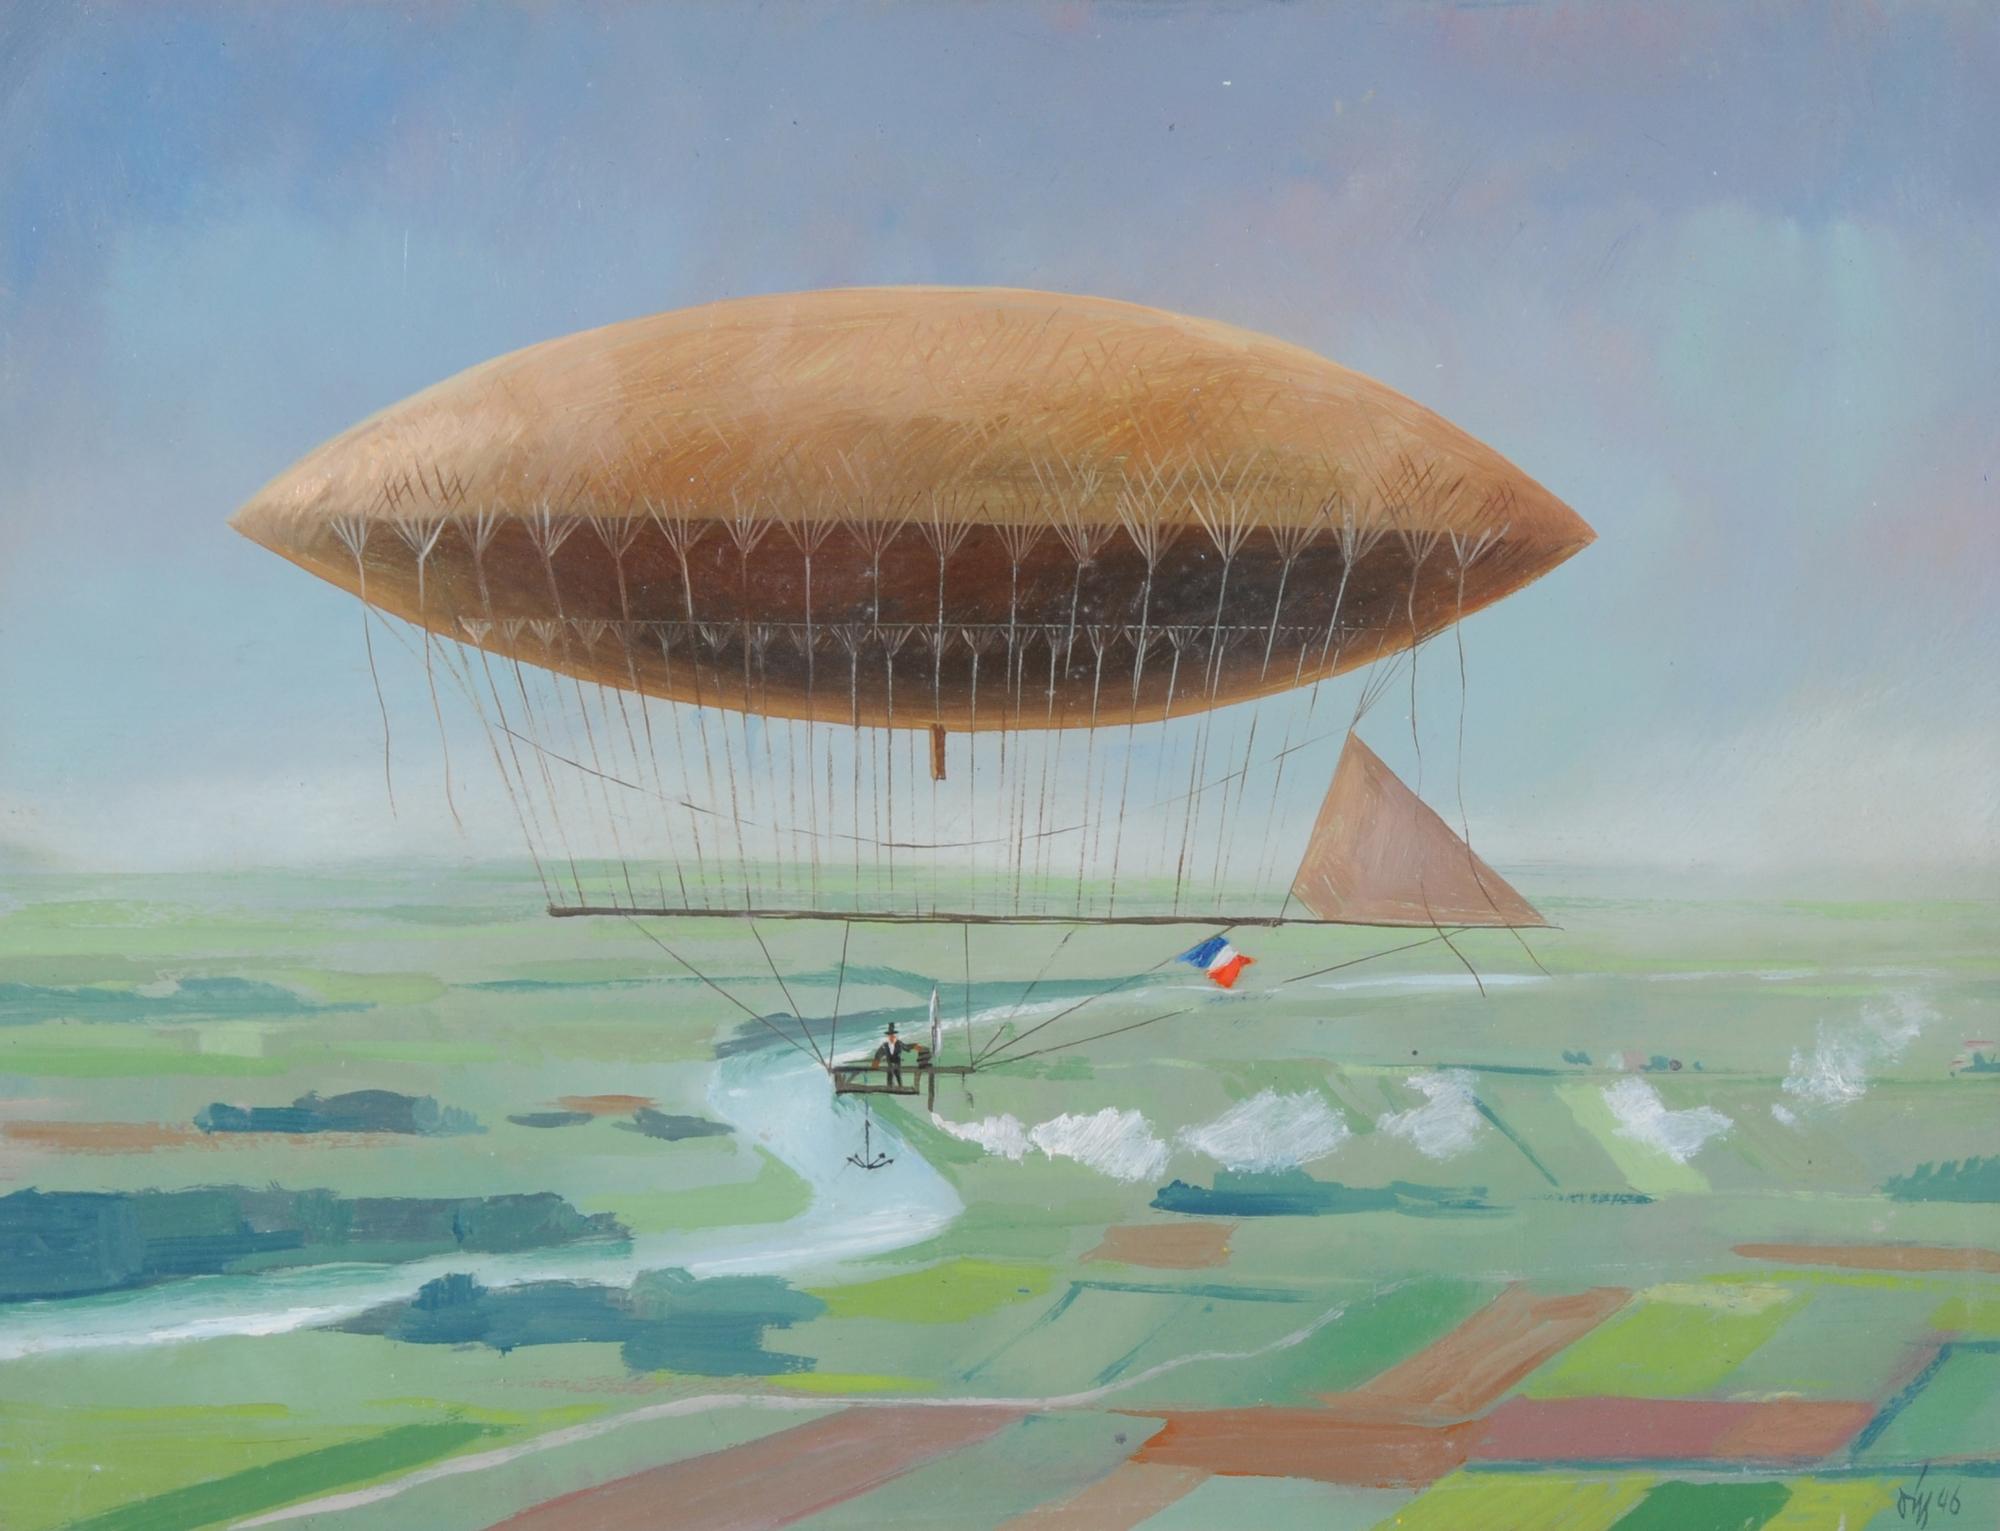 Diggelmann Alex Walter, Das Dampf-Luftschiff von Henri Giffard (1852)